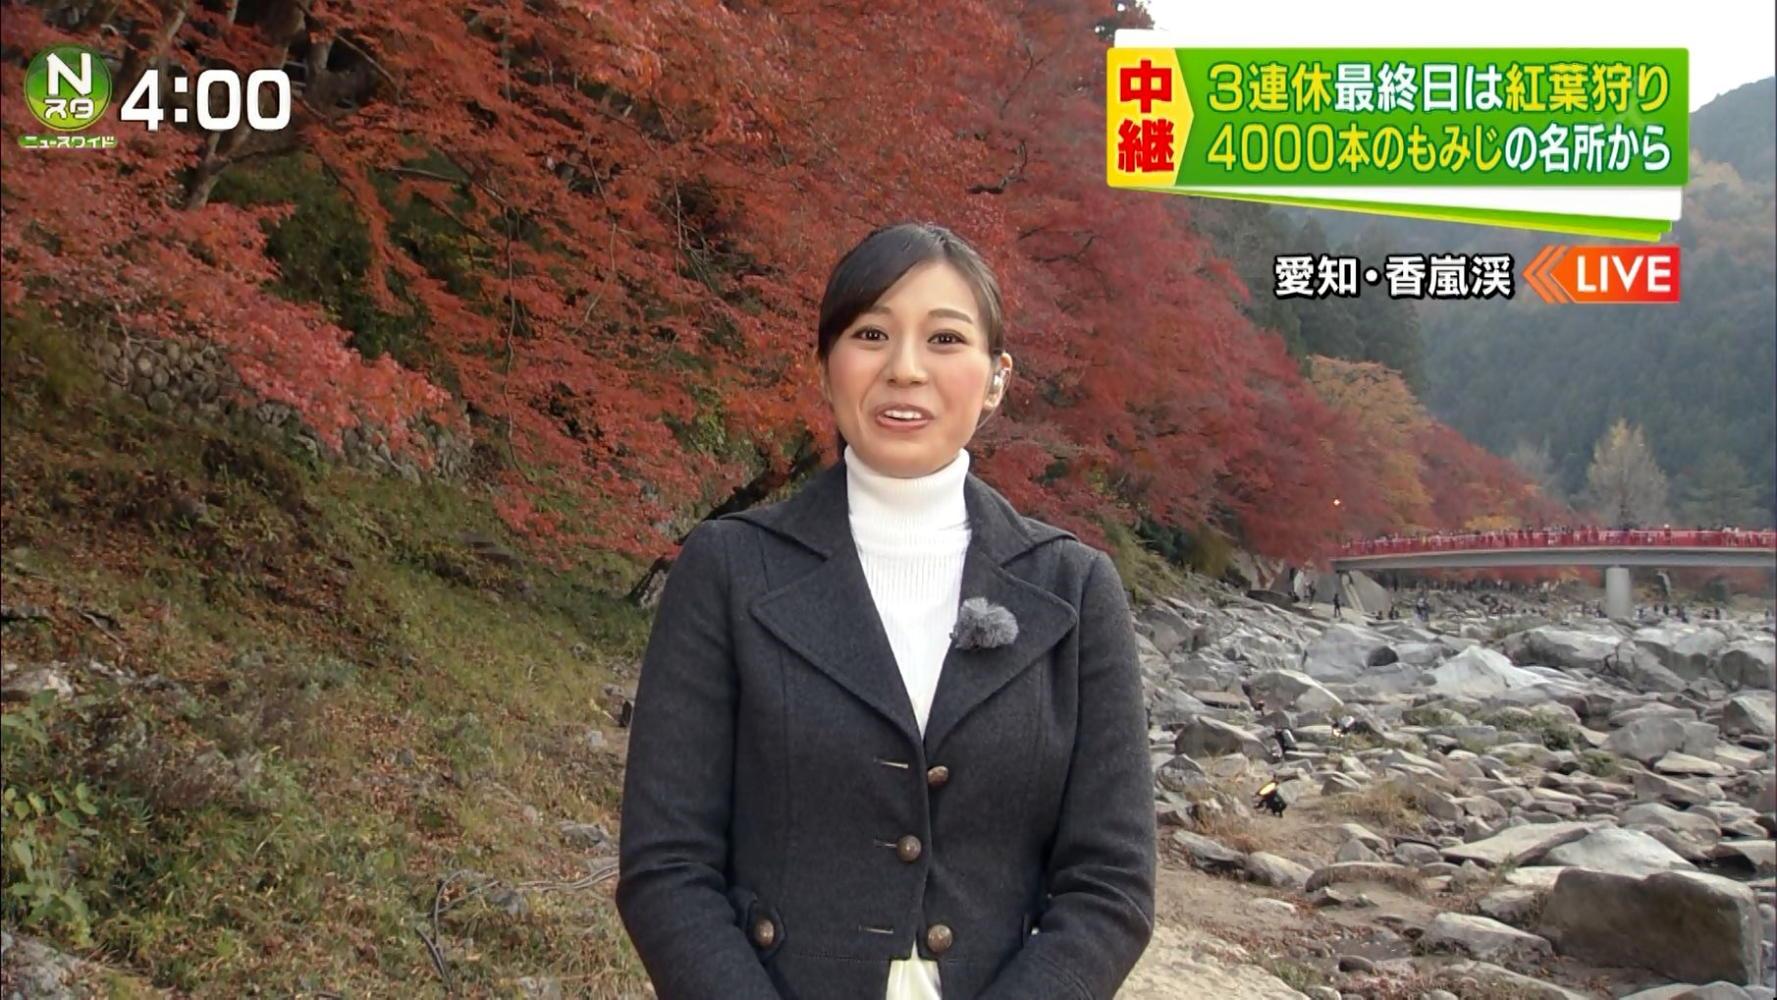 柳沢彩美の画像 p1_39